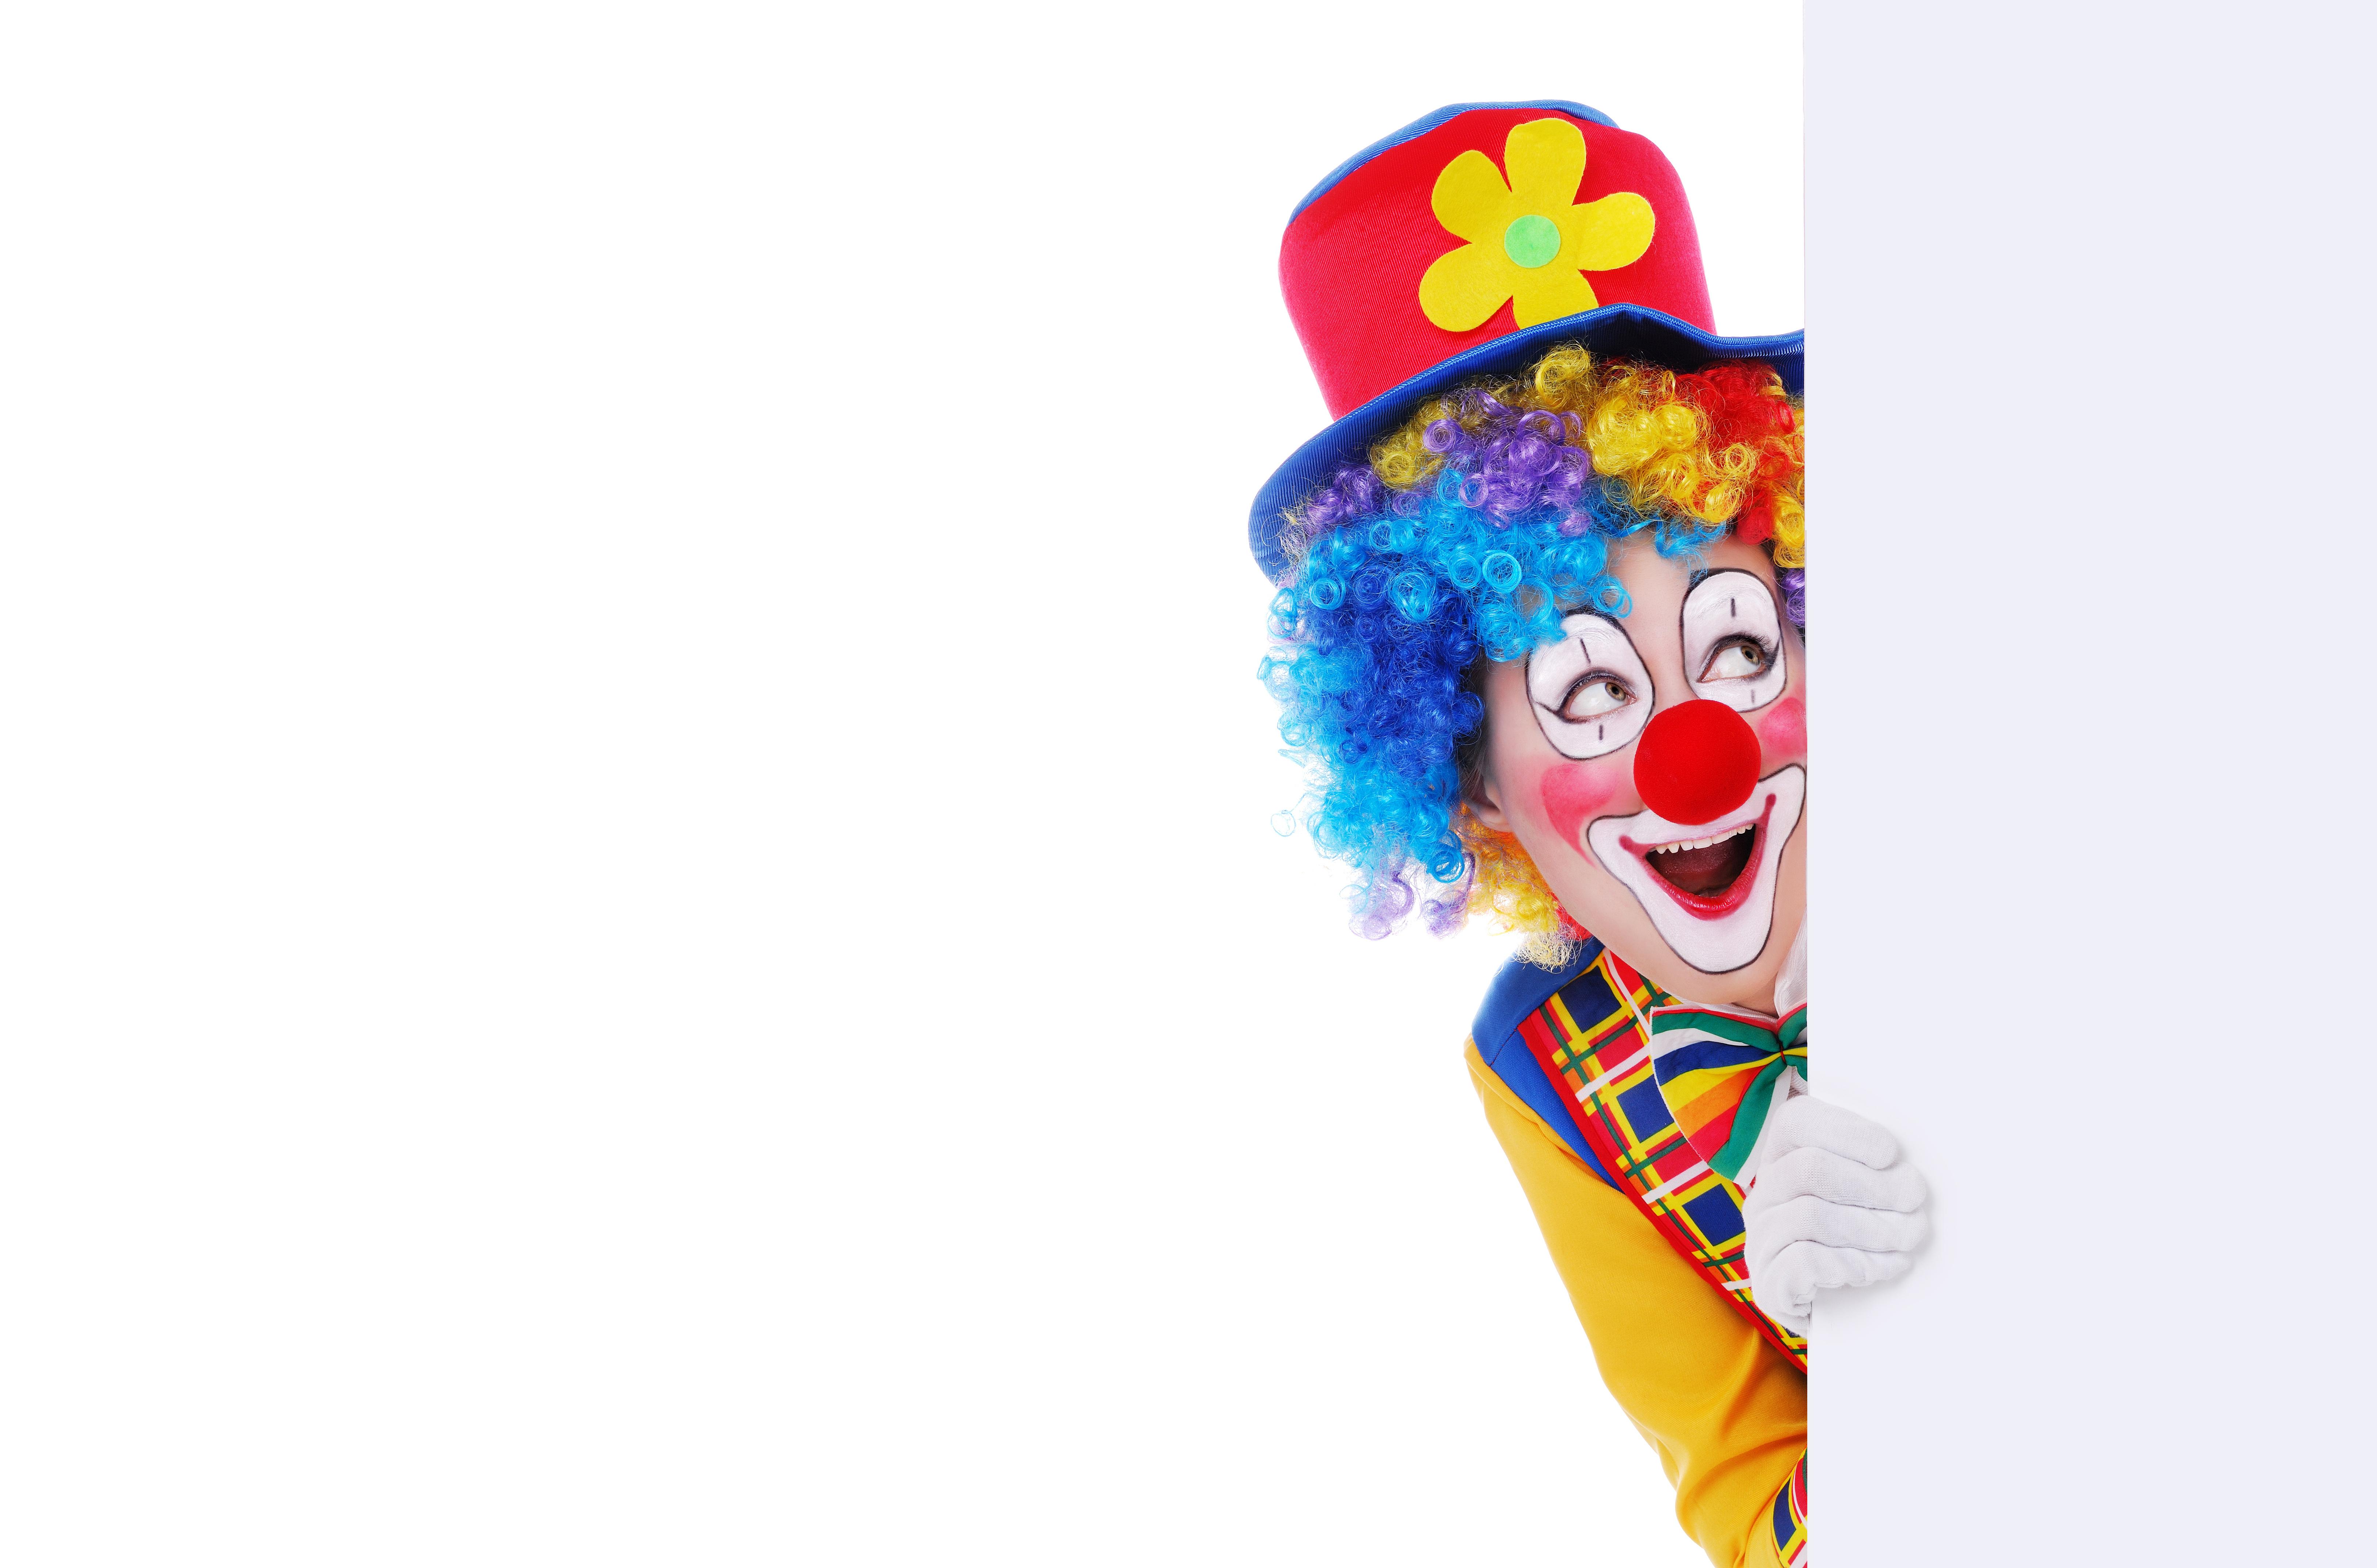 Открытки с клоуном, открытки день